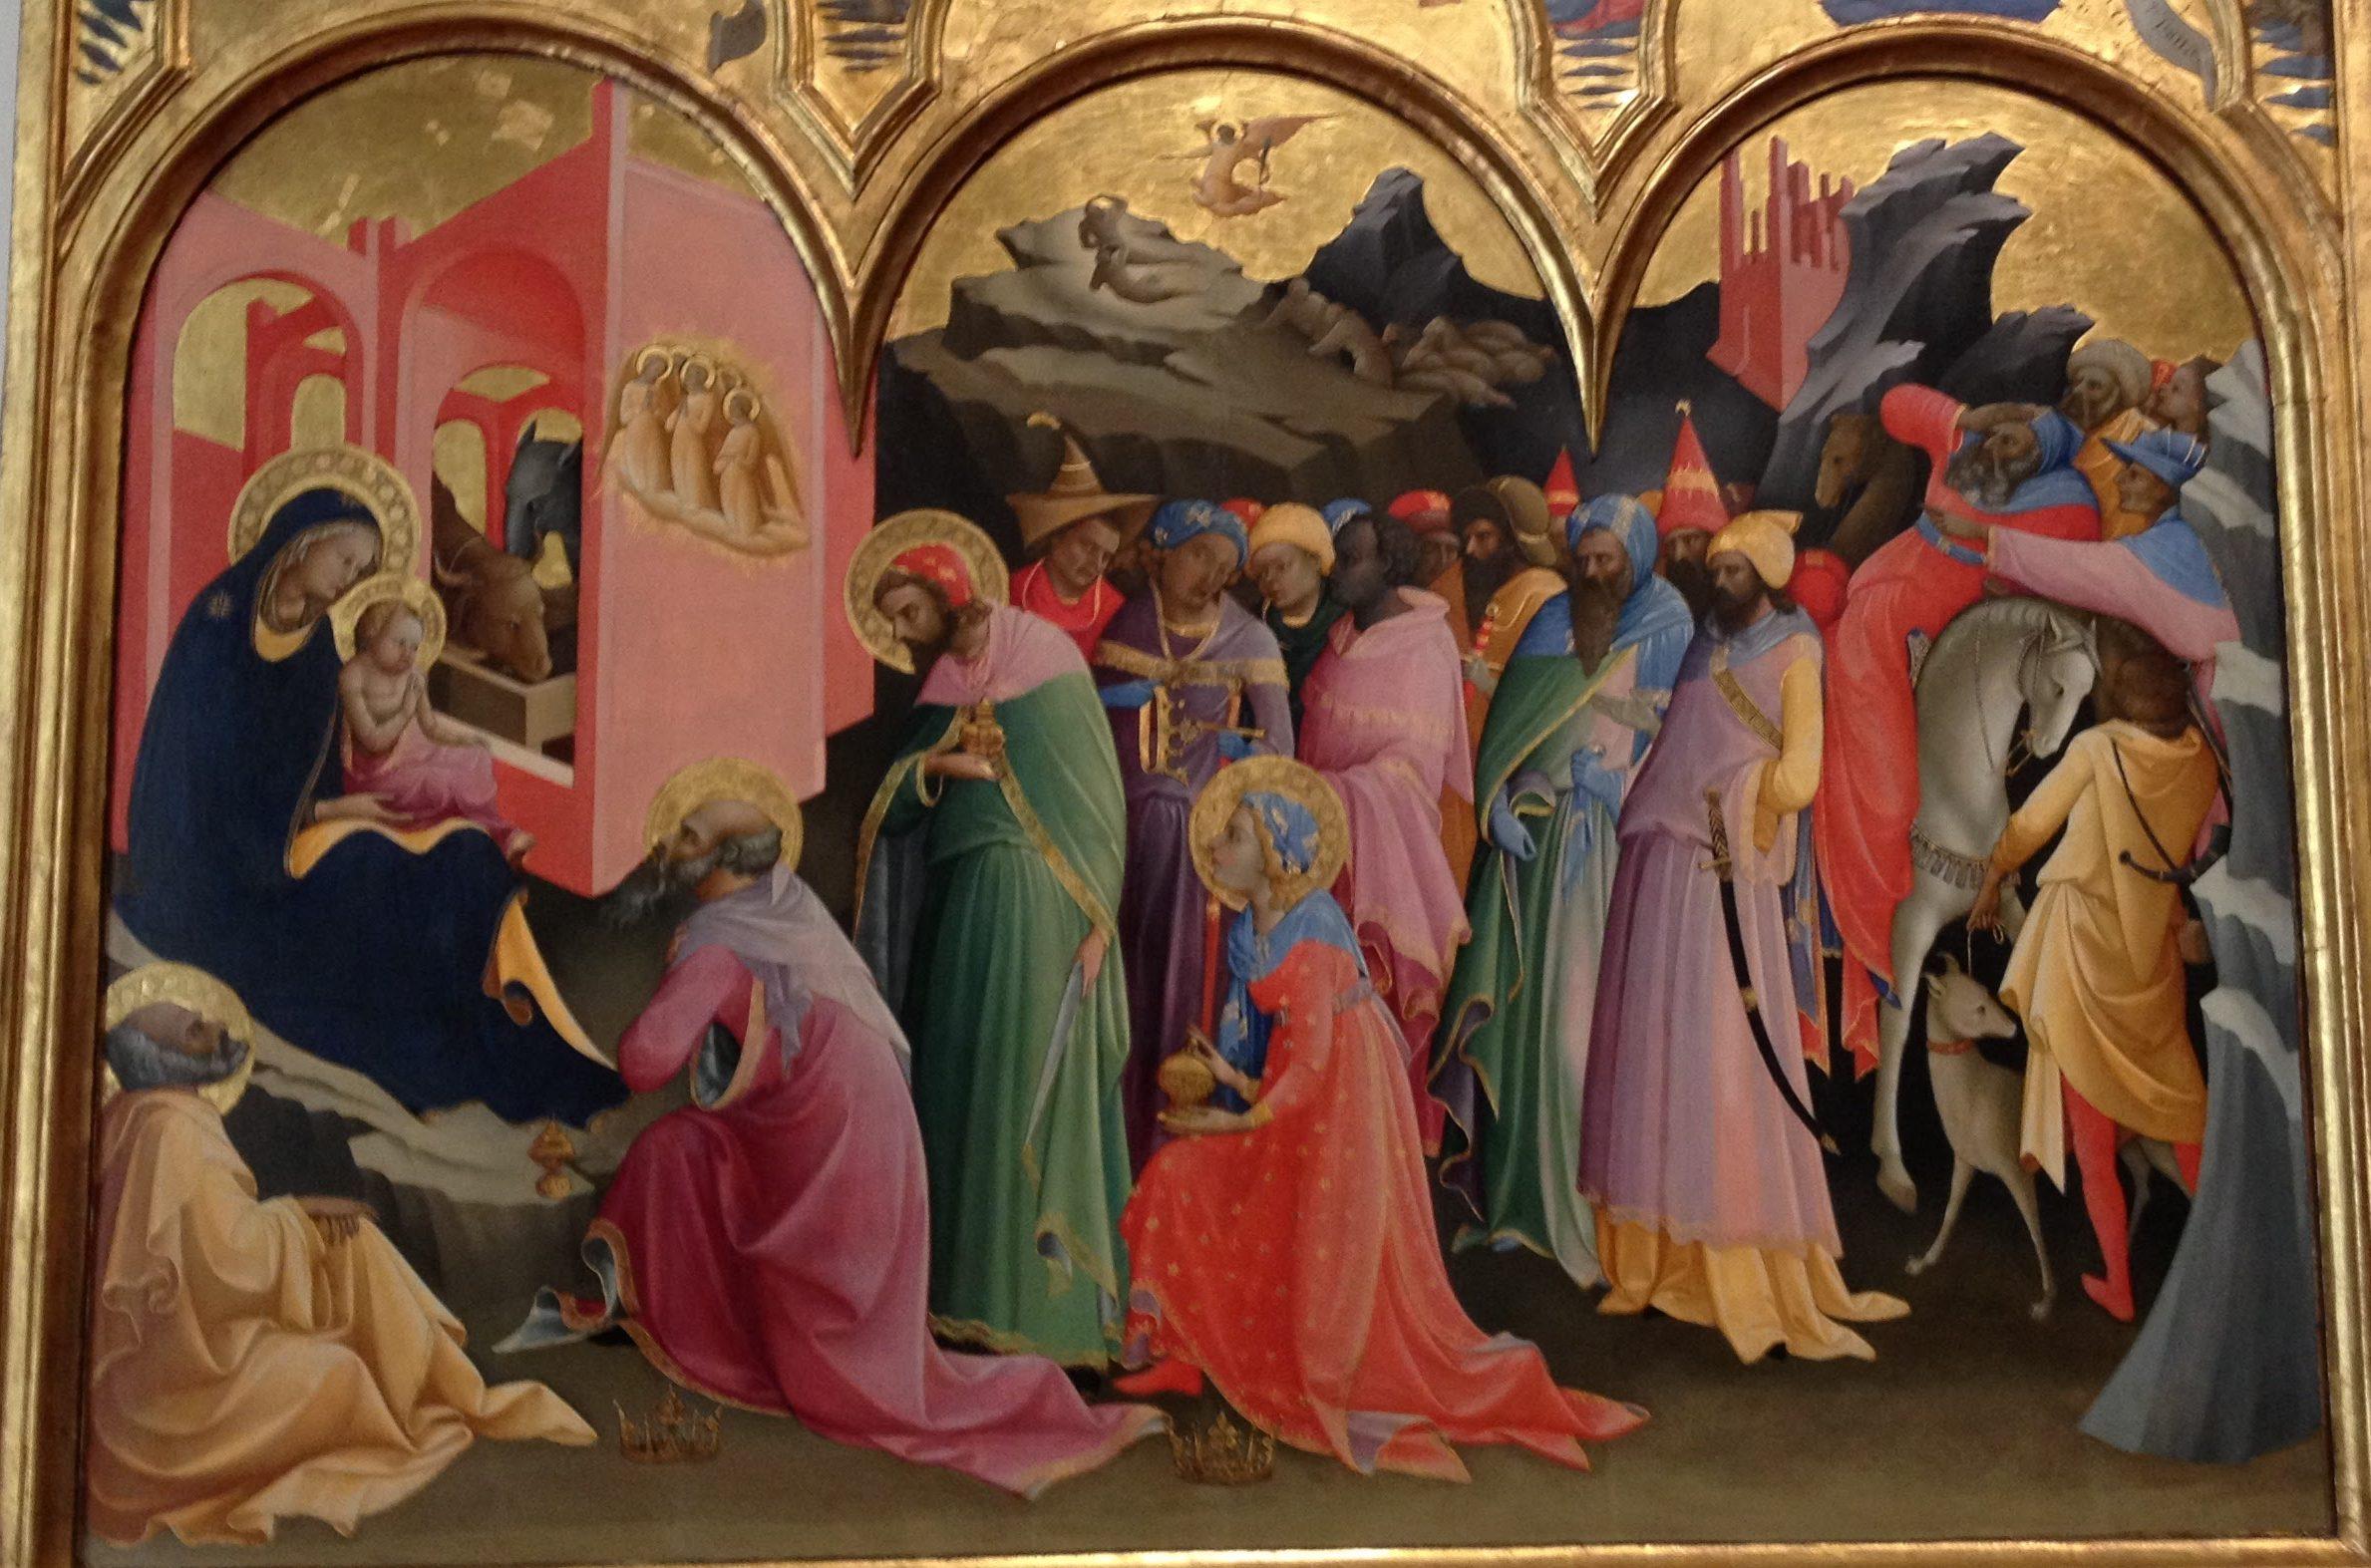 東方三博士の礼拝 ロレンツォ・モナコ, 1420-22 ウフィツィ美術館, フィレンツェ